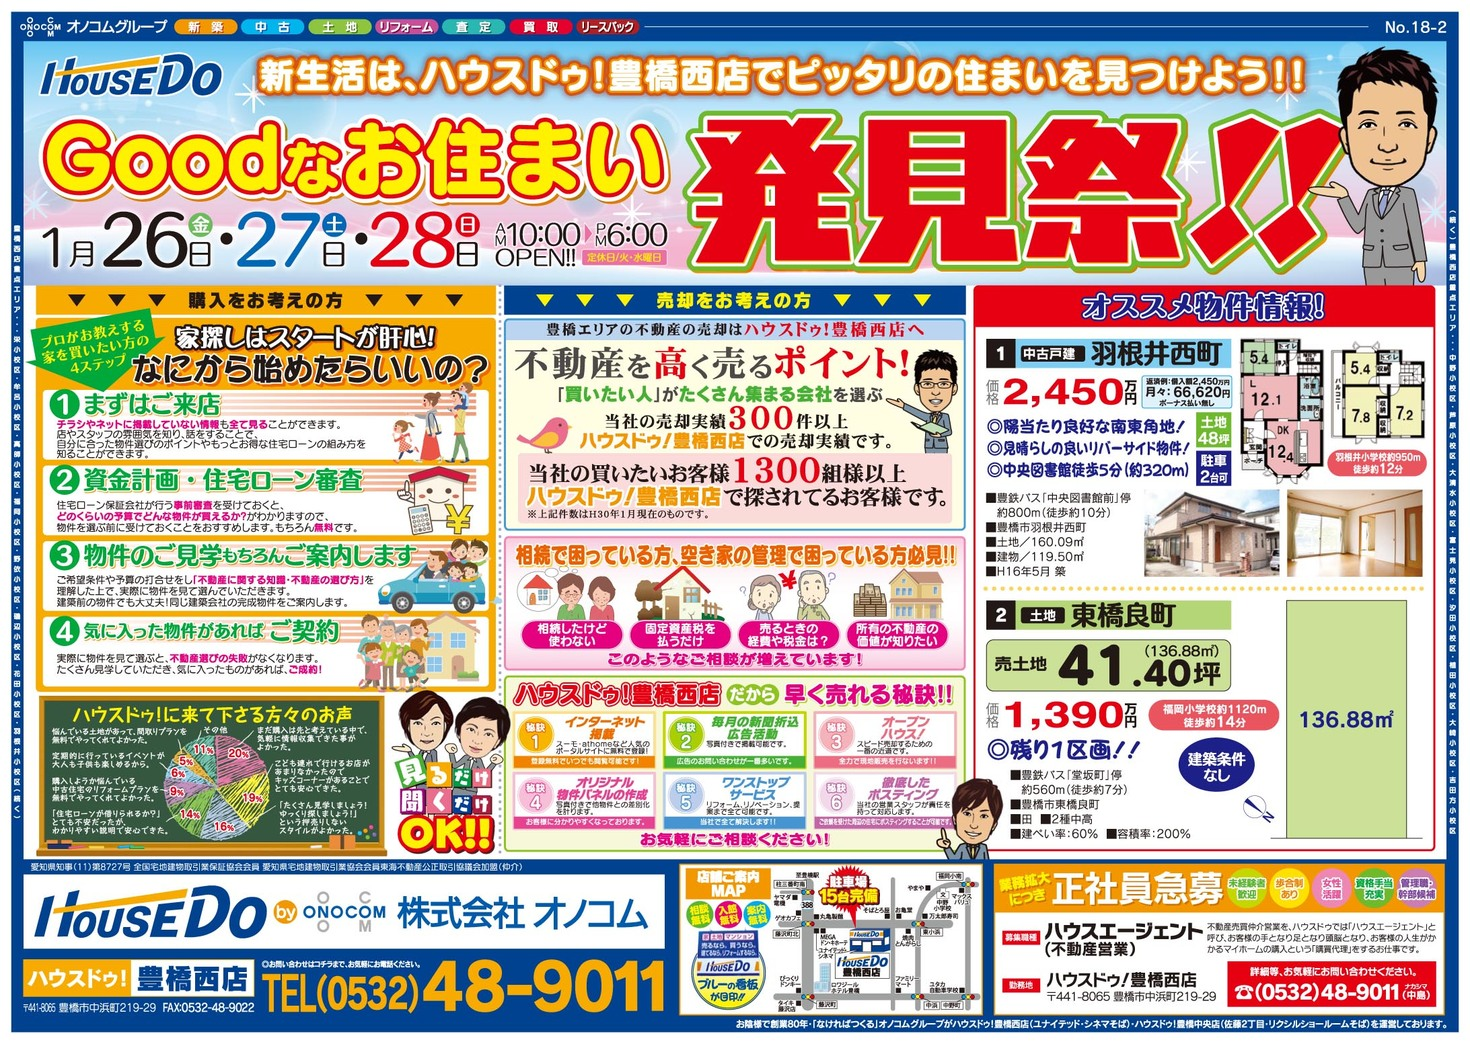 ☆☆豊橋西店 最新不動産チラシ 1月26日号☆☆